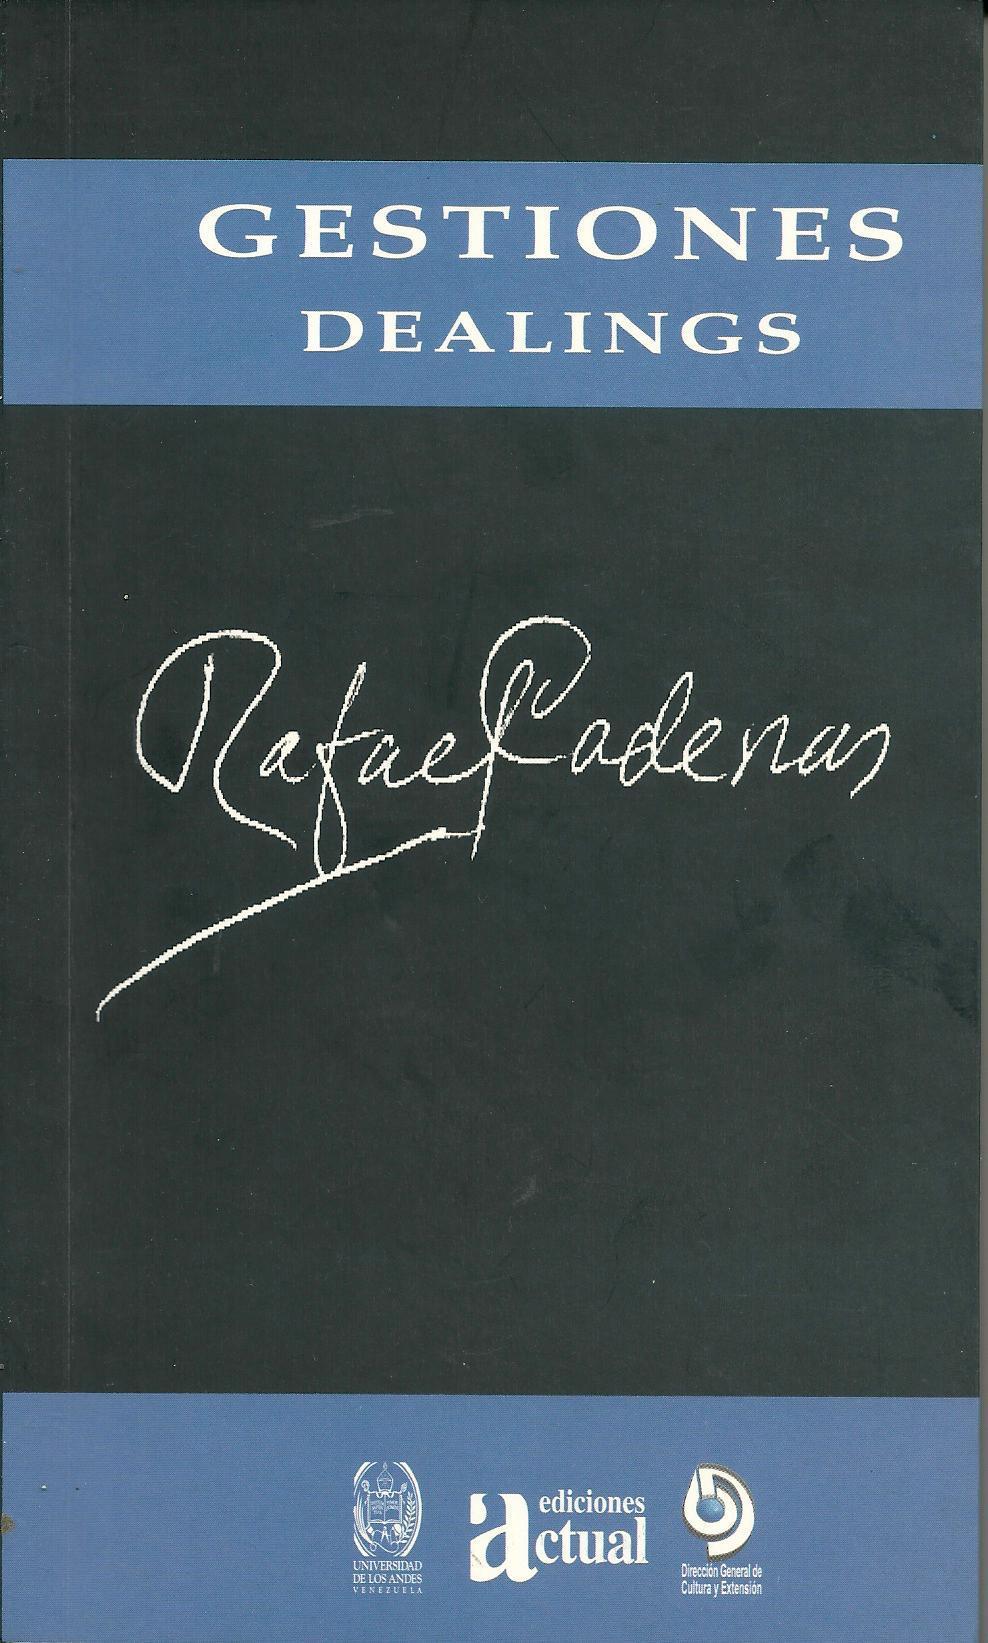 Gestiones / Dealings  by  Rafael Cadenas